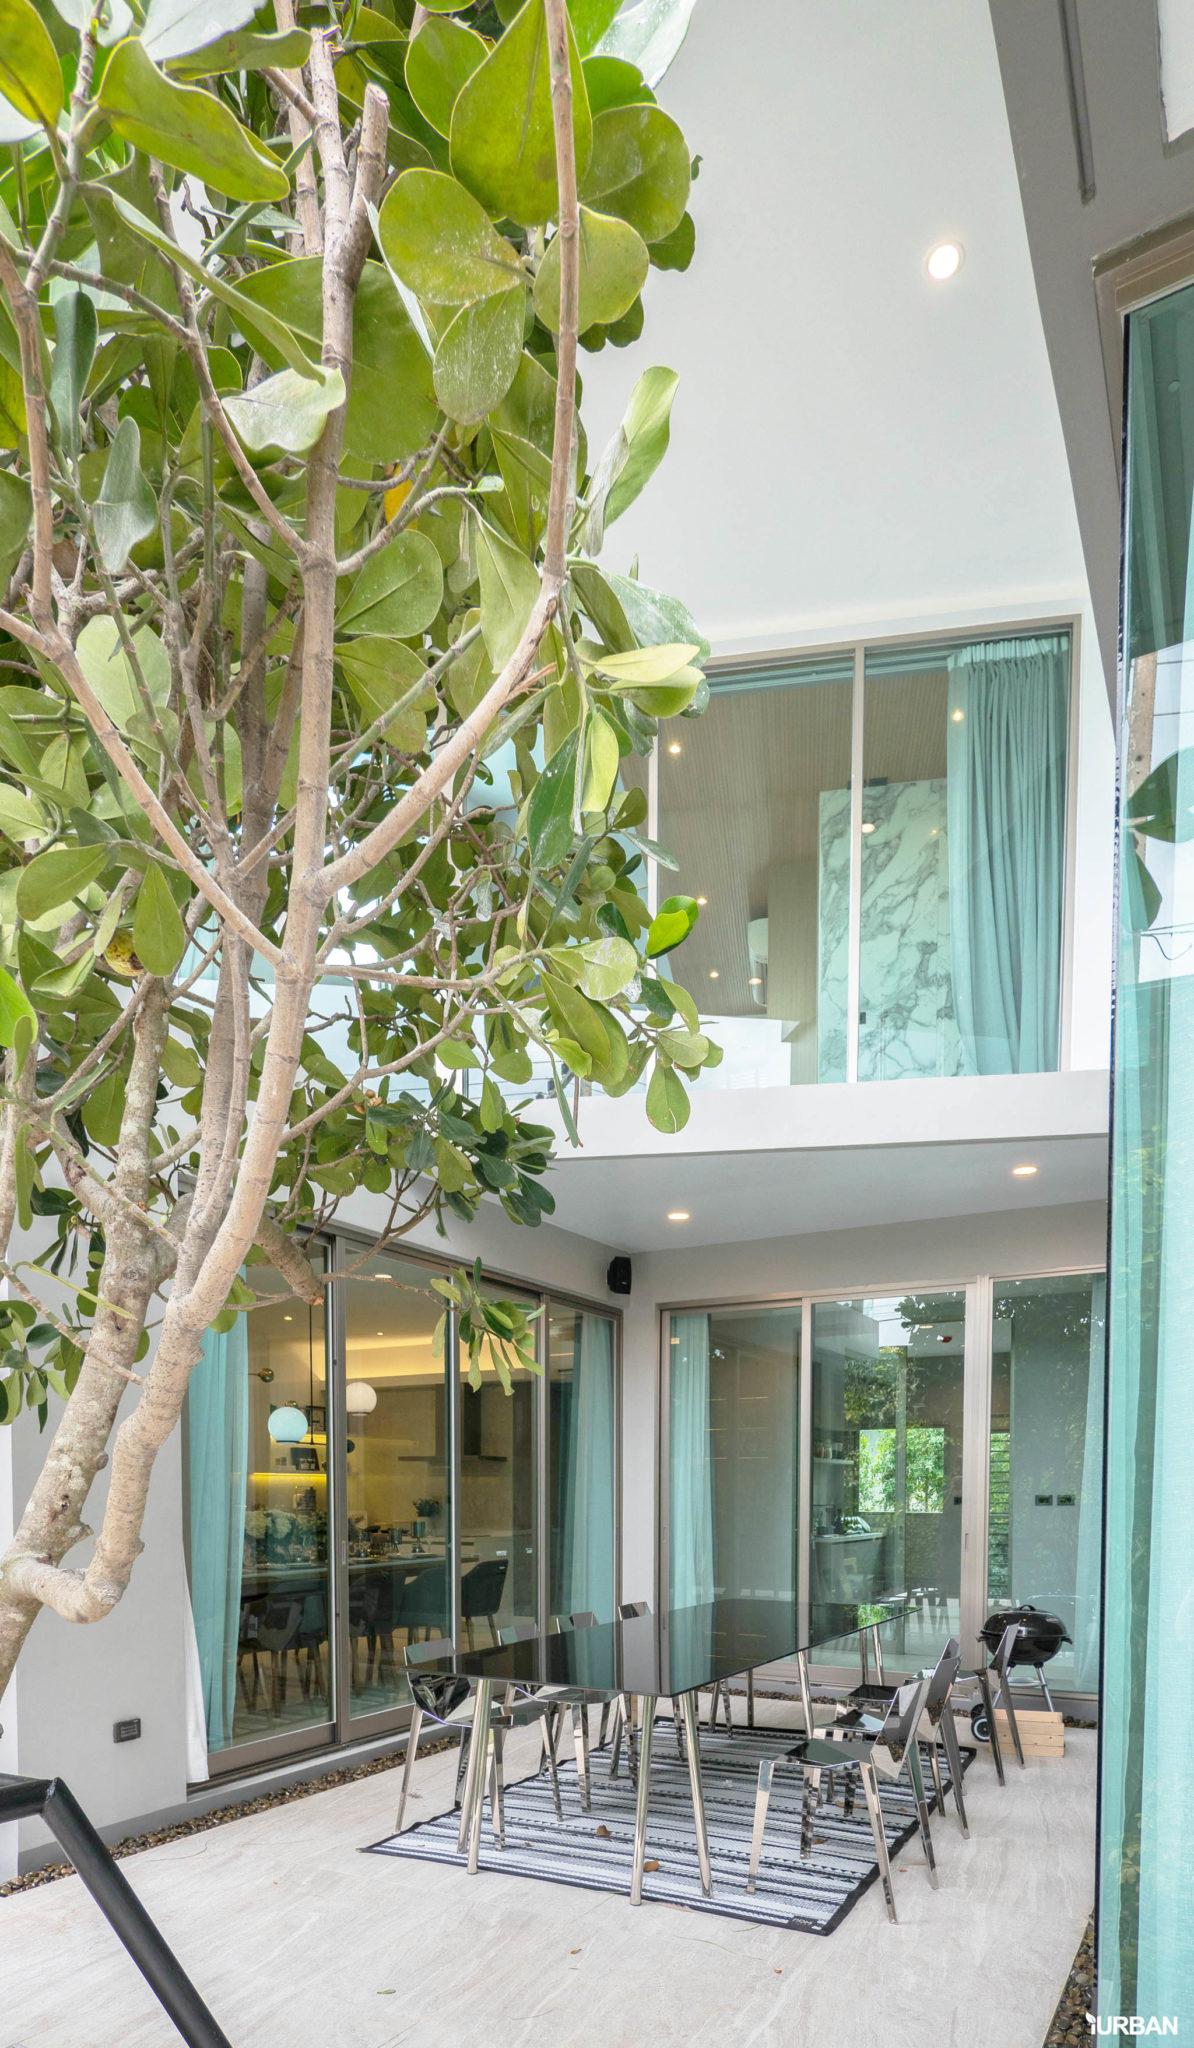 รีวิว Nirvana BEYOND Udonthani บ้านเดี่ยว 3 ชั้น ดีไซน์บิดสุดโมเดิร์น บนที่ดินสุดท้ายหน้าหนองประจักษ์ 46 - Luxury